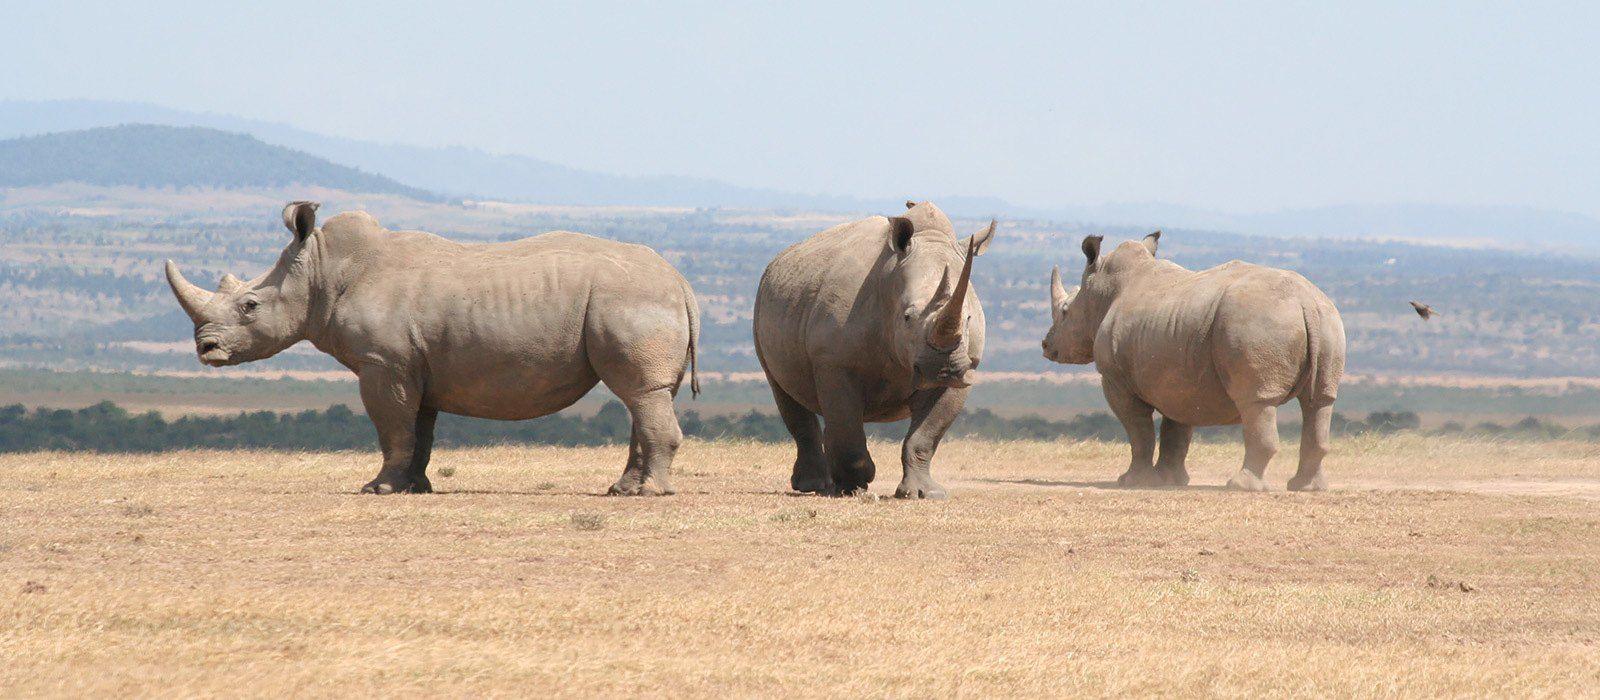 Kenia: Wandersafari Rundreise Urlaub 3